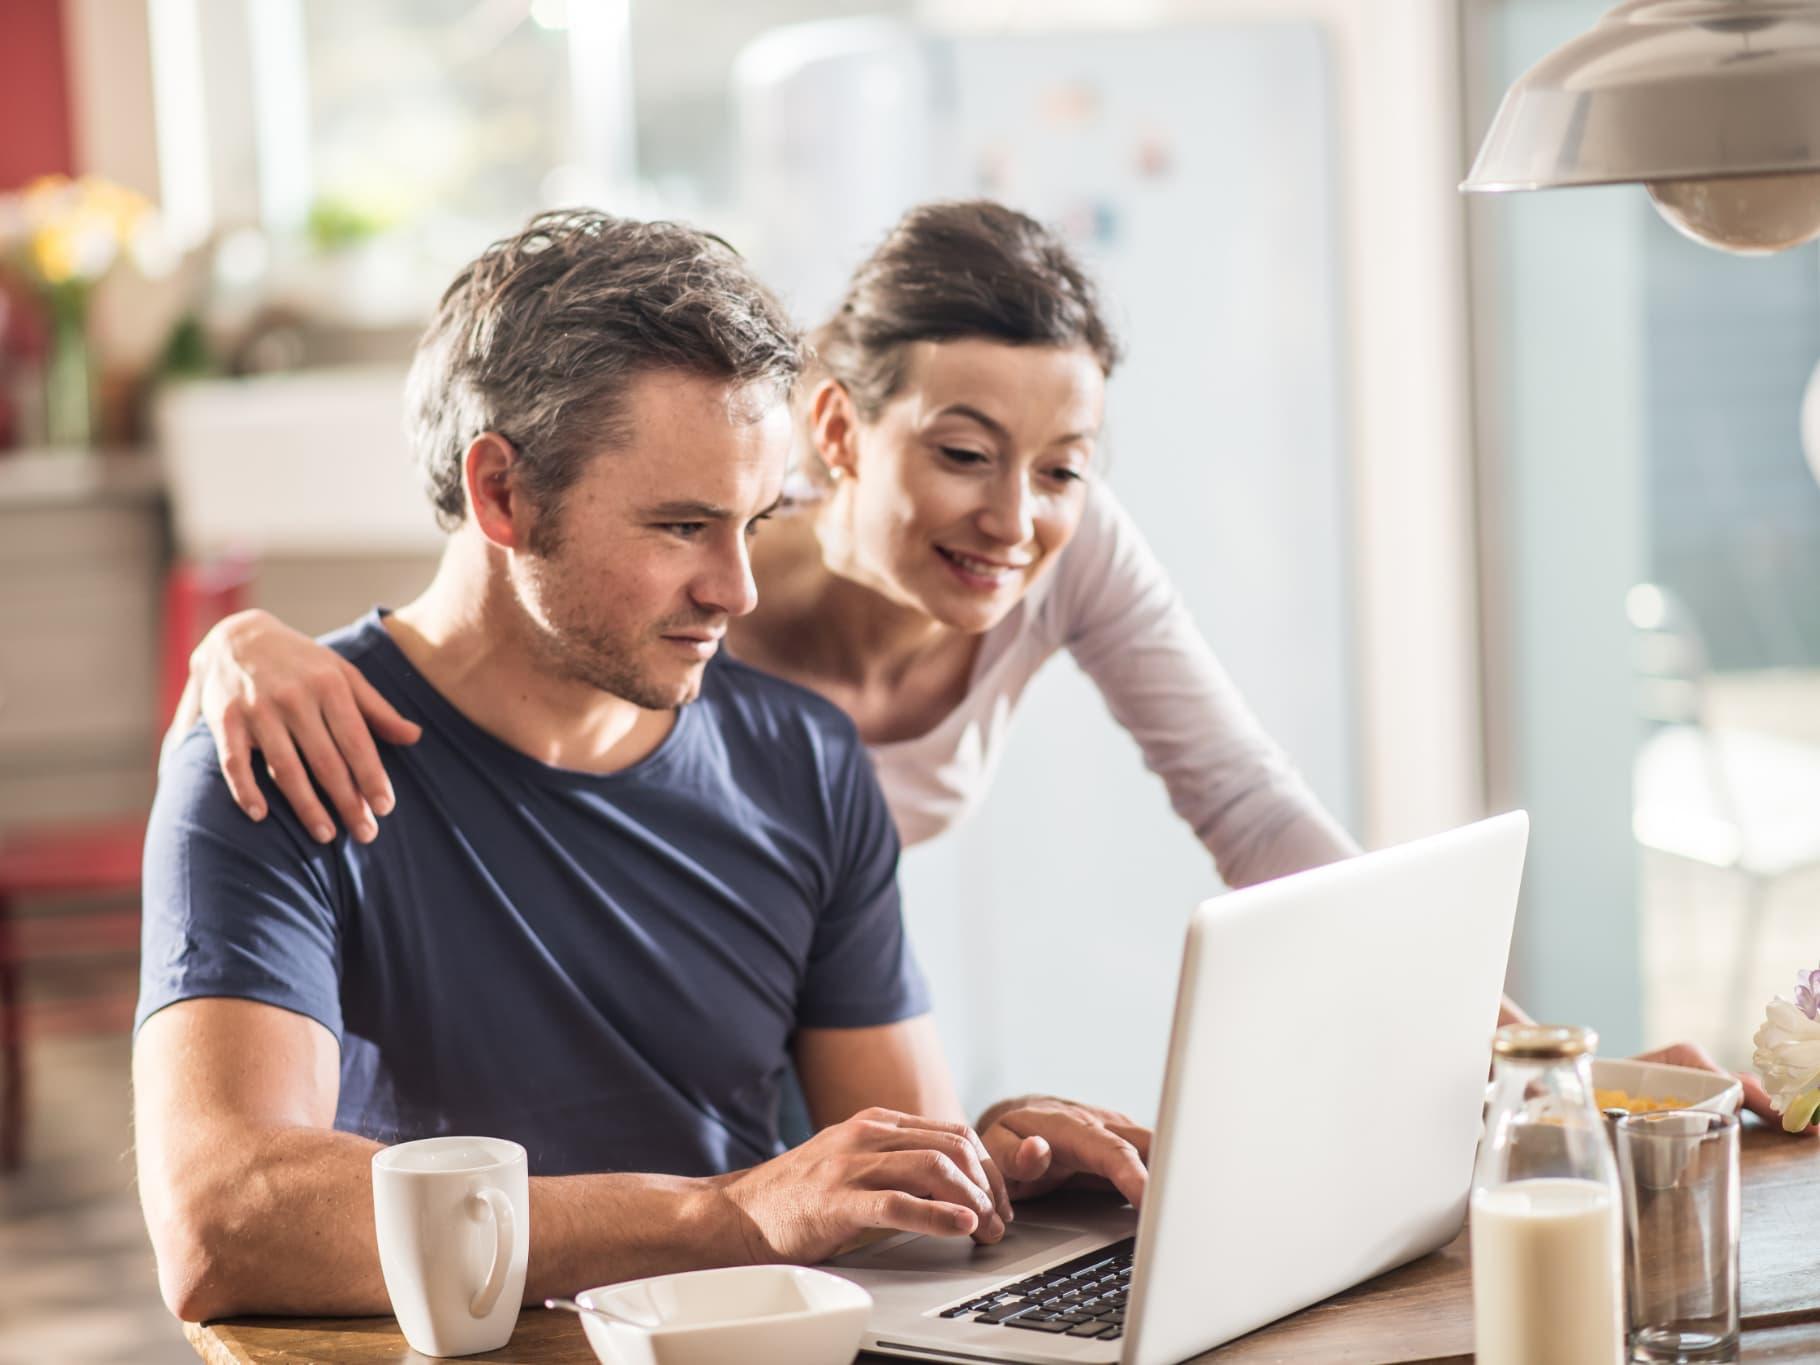 Quels sont les risques d'un réseau wifi domestique non sécurisé ?